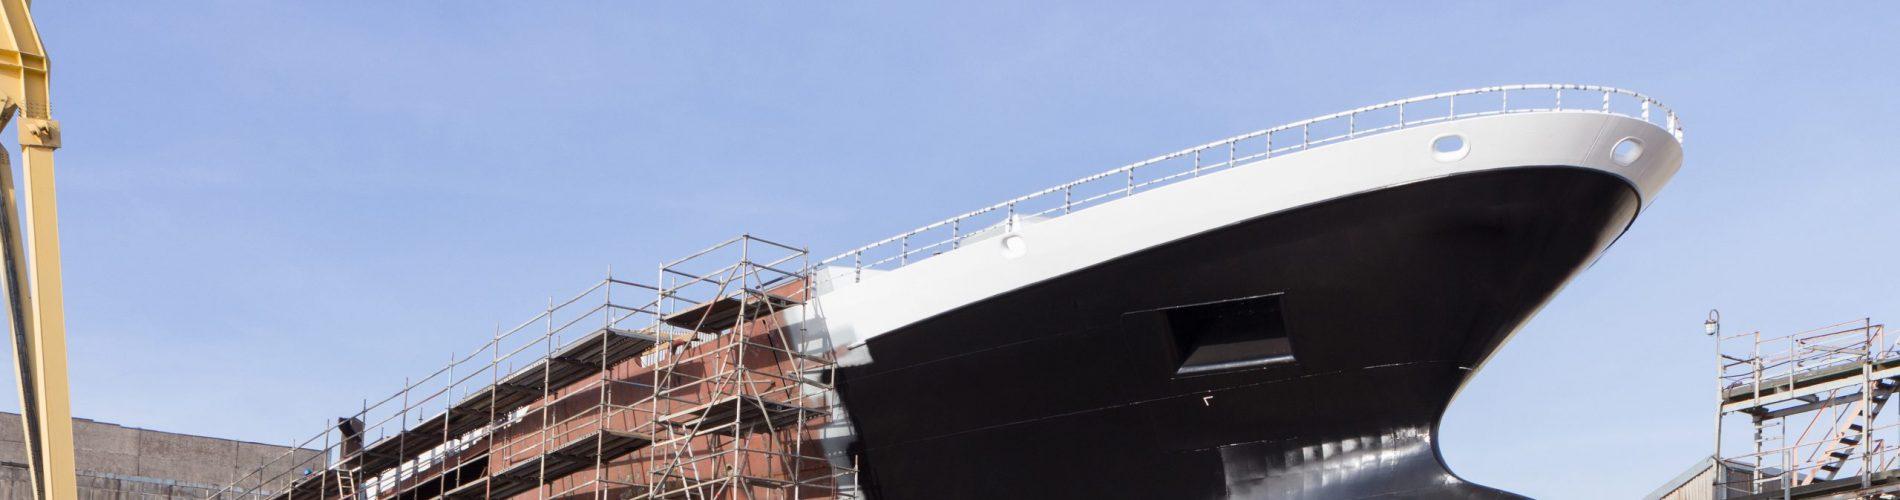 Hull of ship under construction at shipyard.